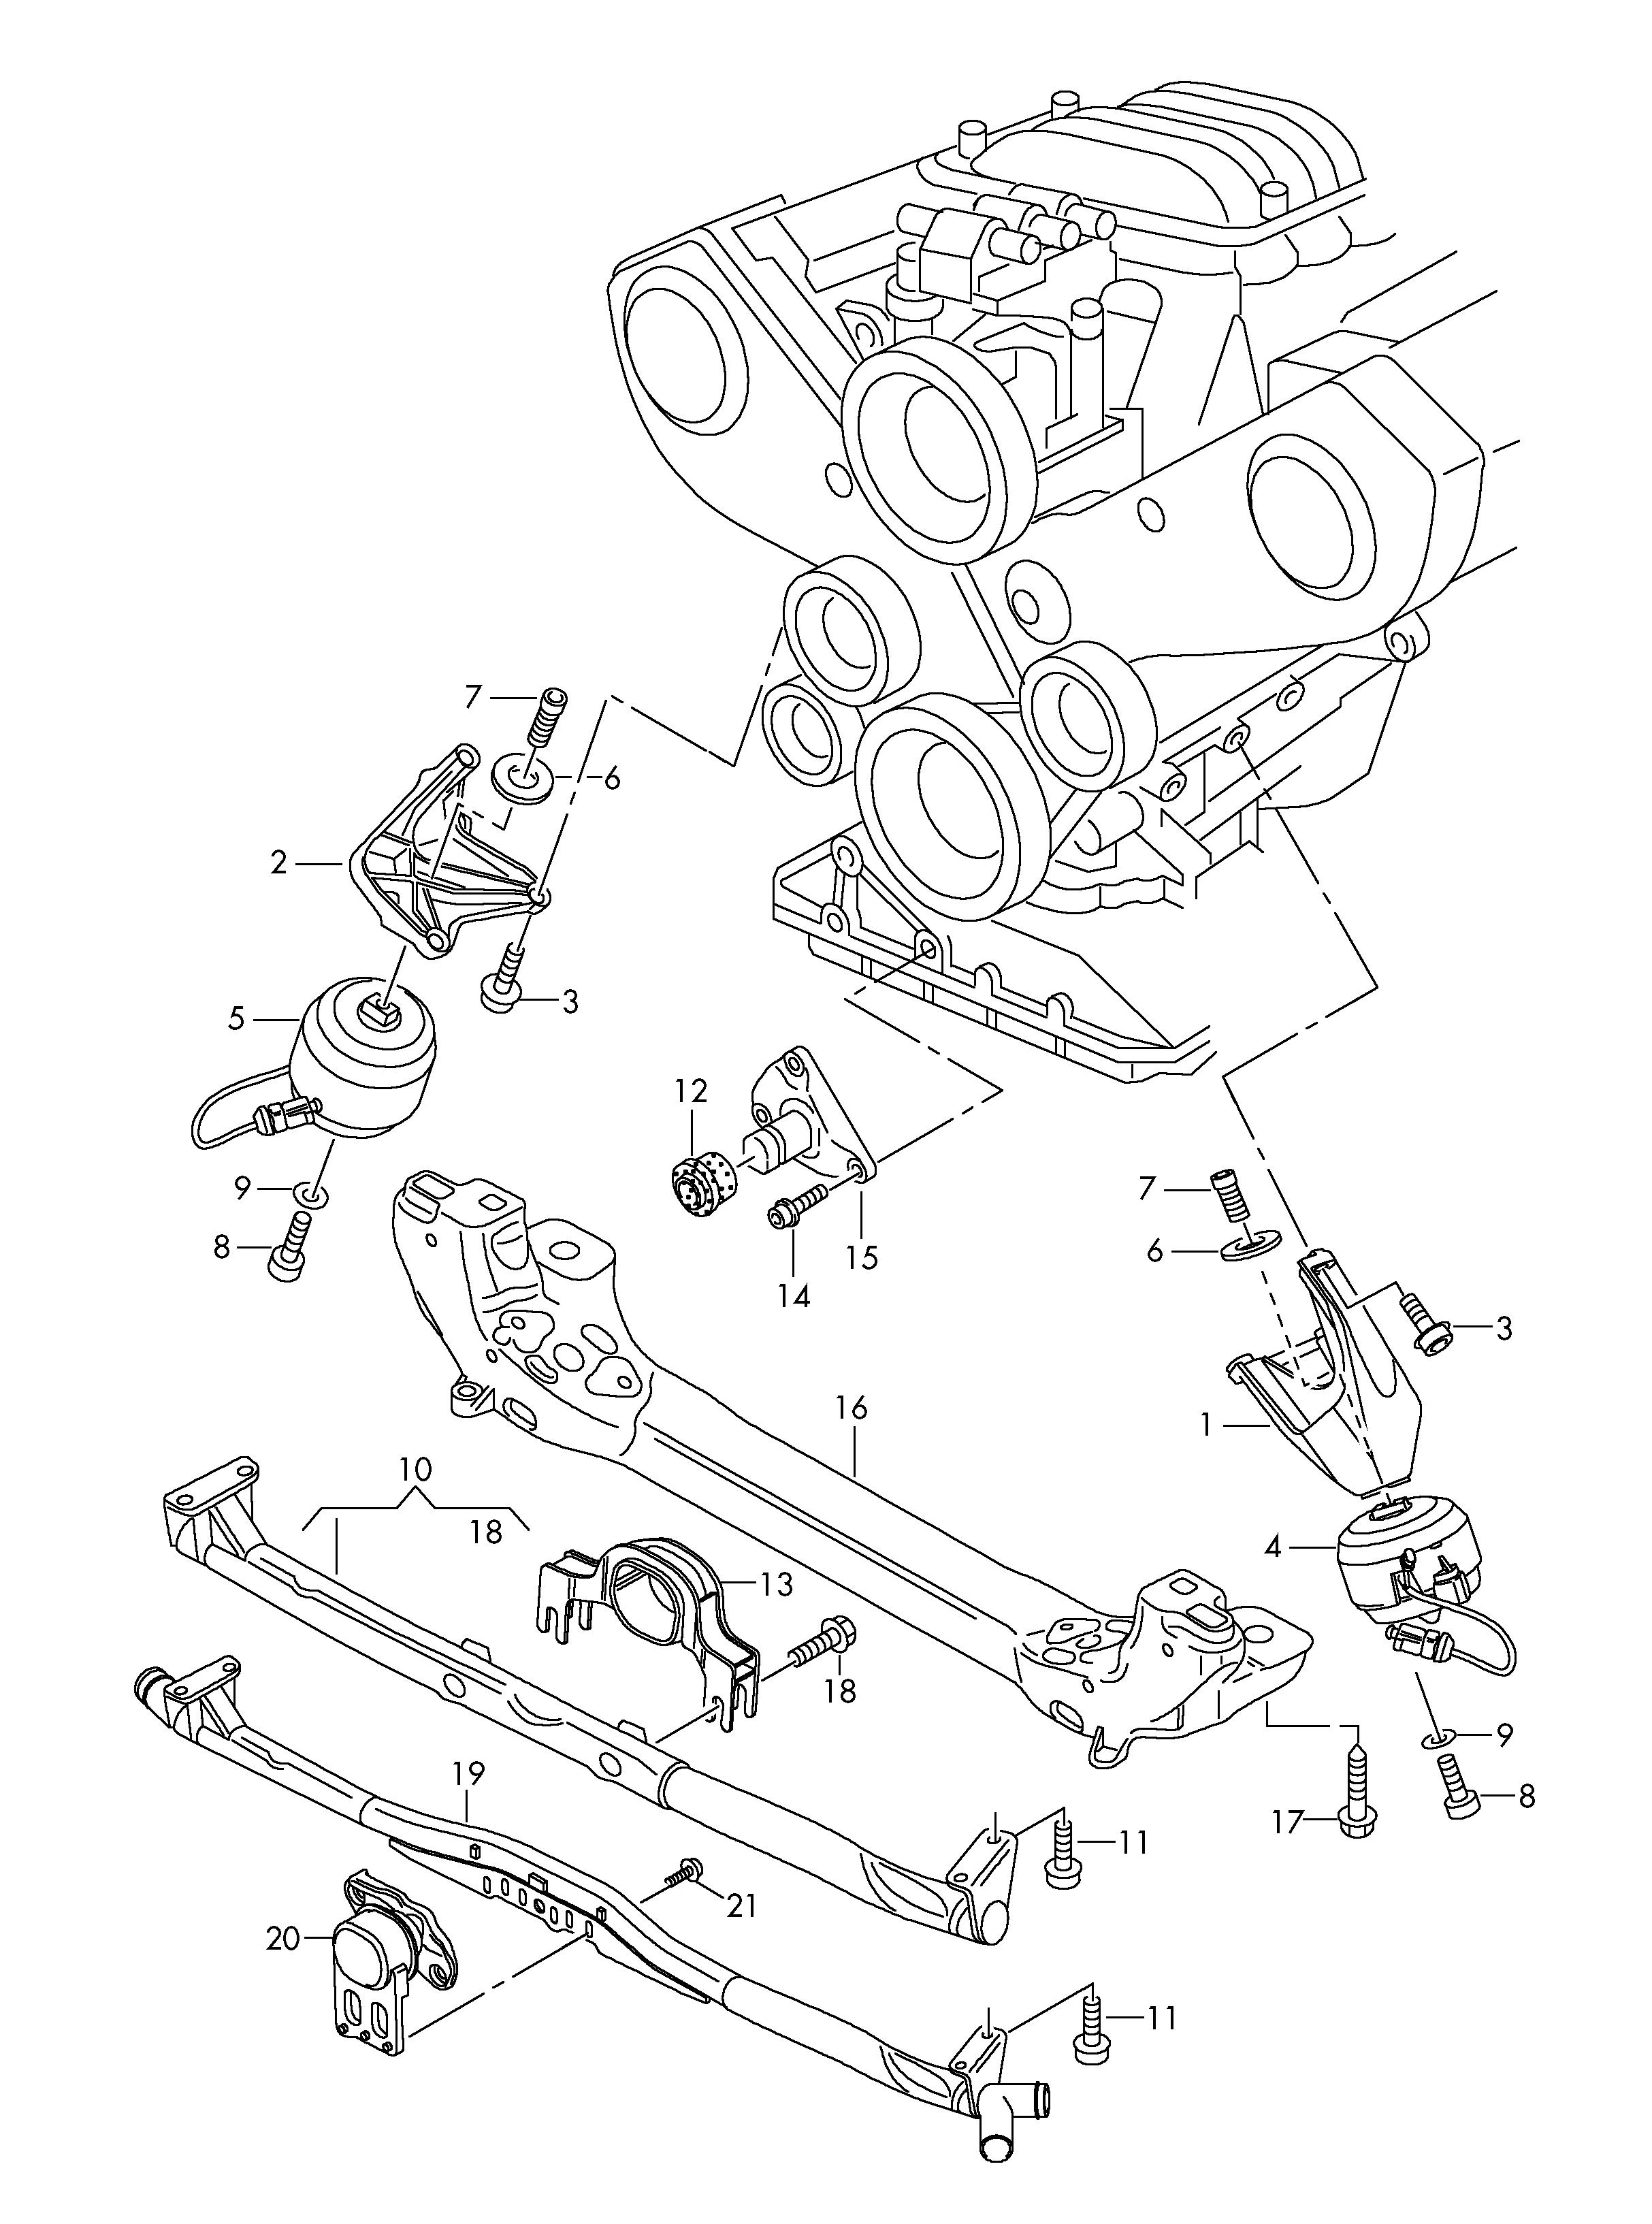 Audi A8 (2004 - 2007) - securing parts for engine. > VAG ETKA Online >  Nemiga.comnemigaparts.com